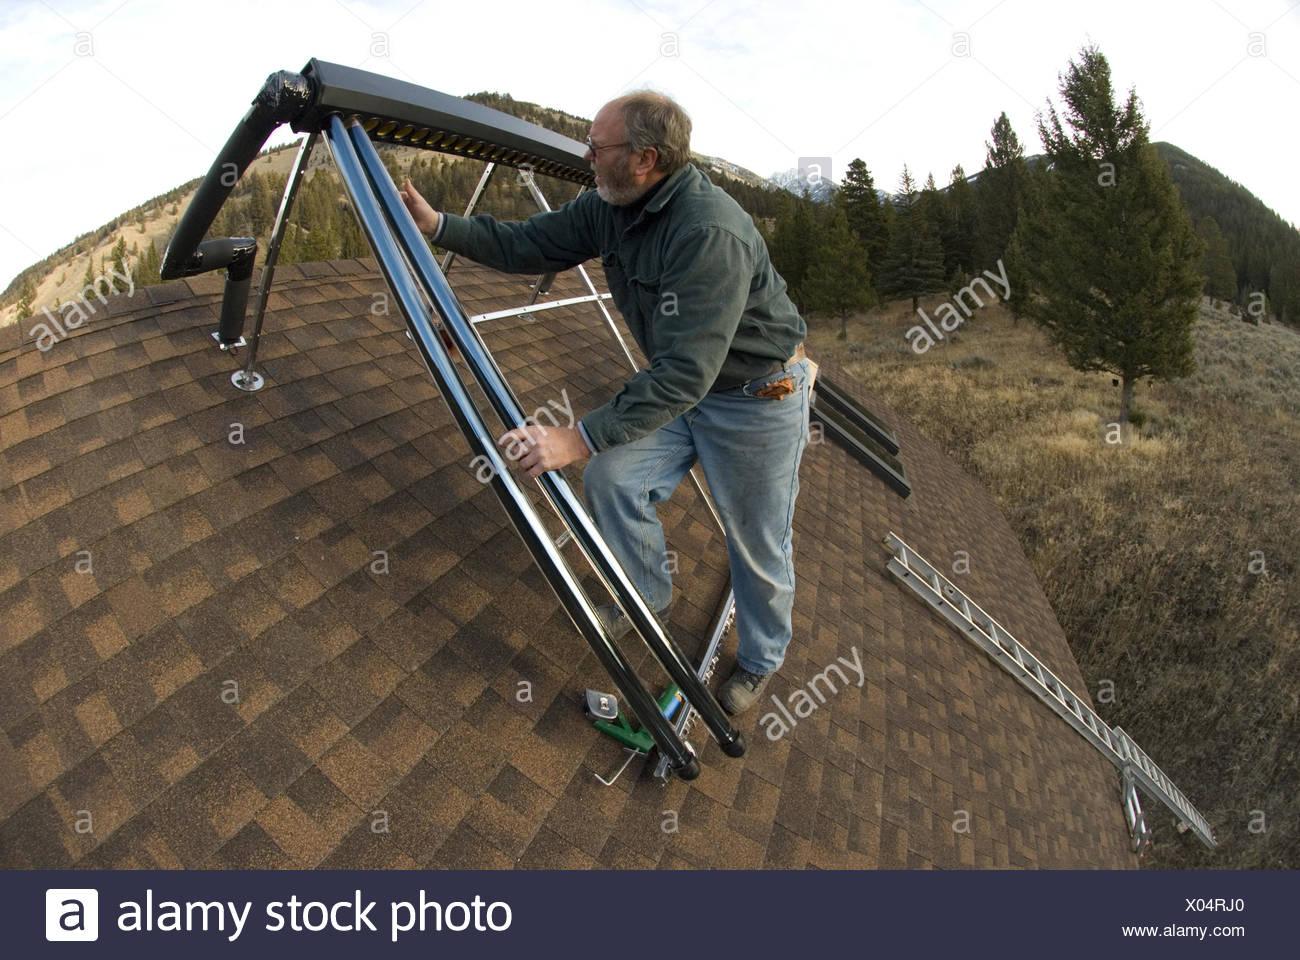 Ein Arbeiter wird eine solar-Warmwasser-System installiert Stockfoto ...